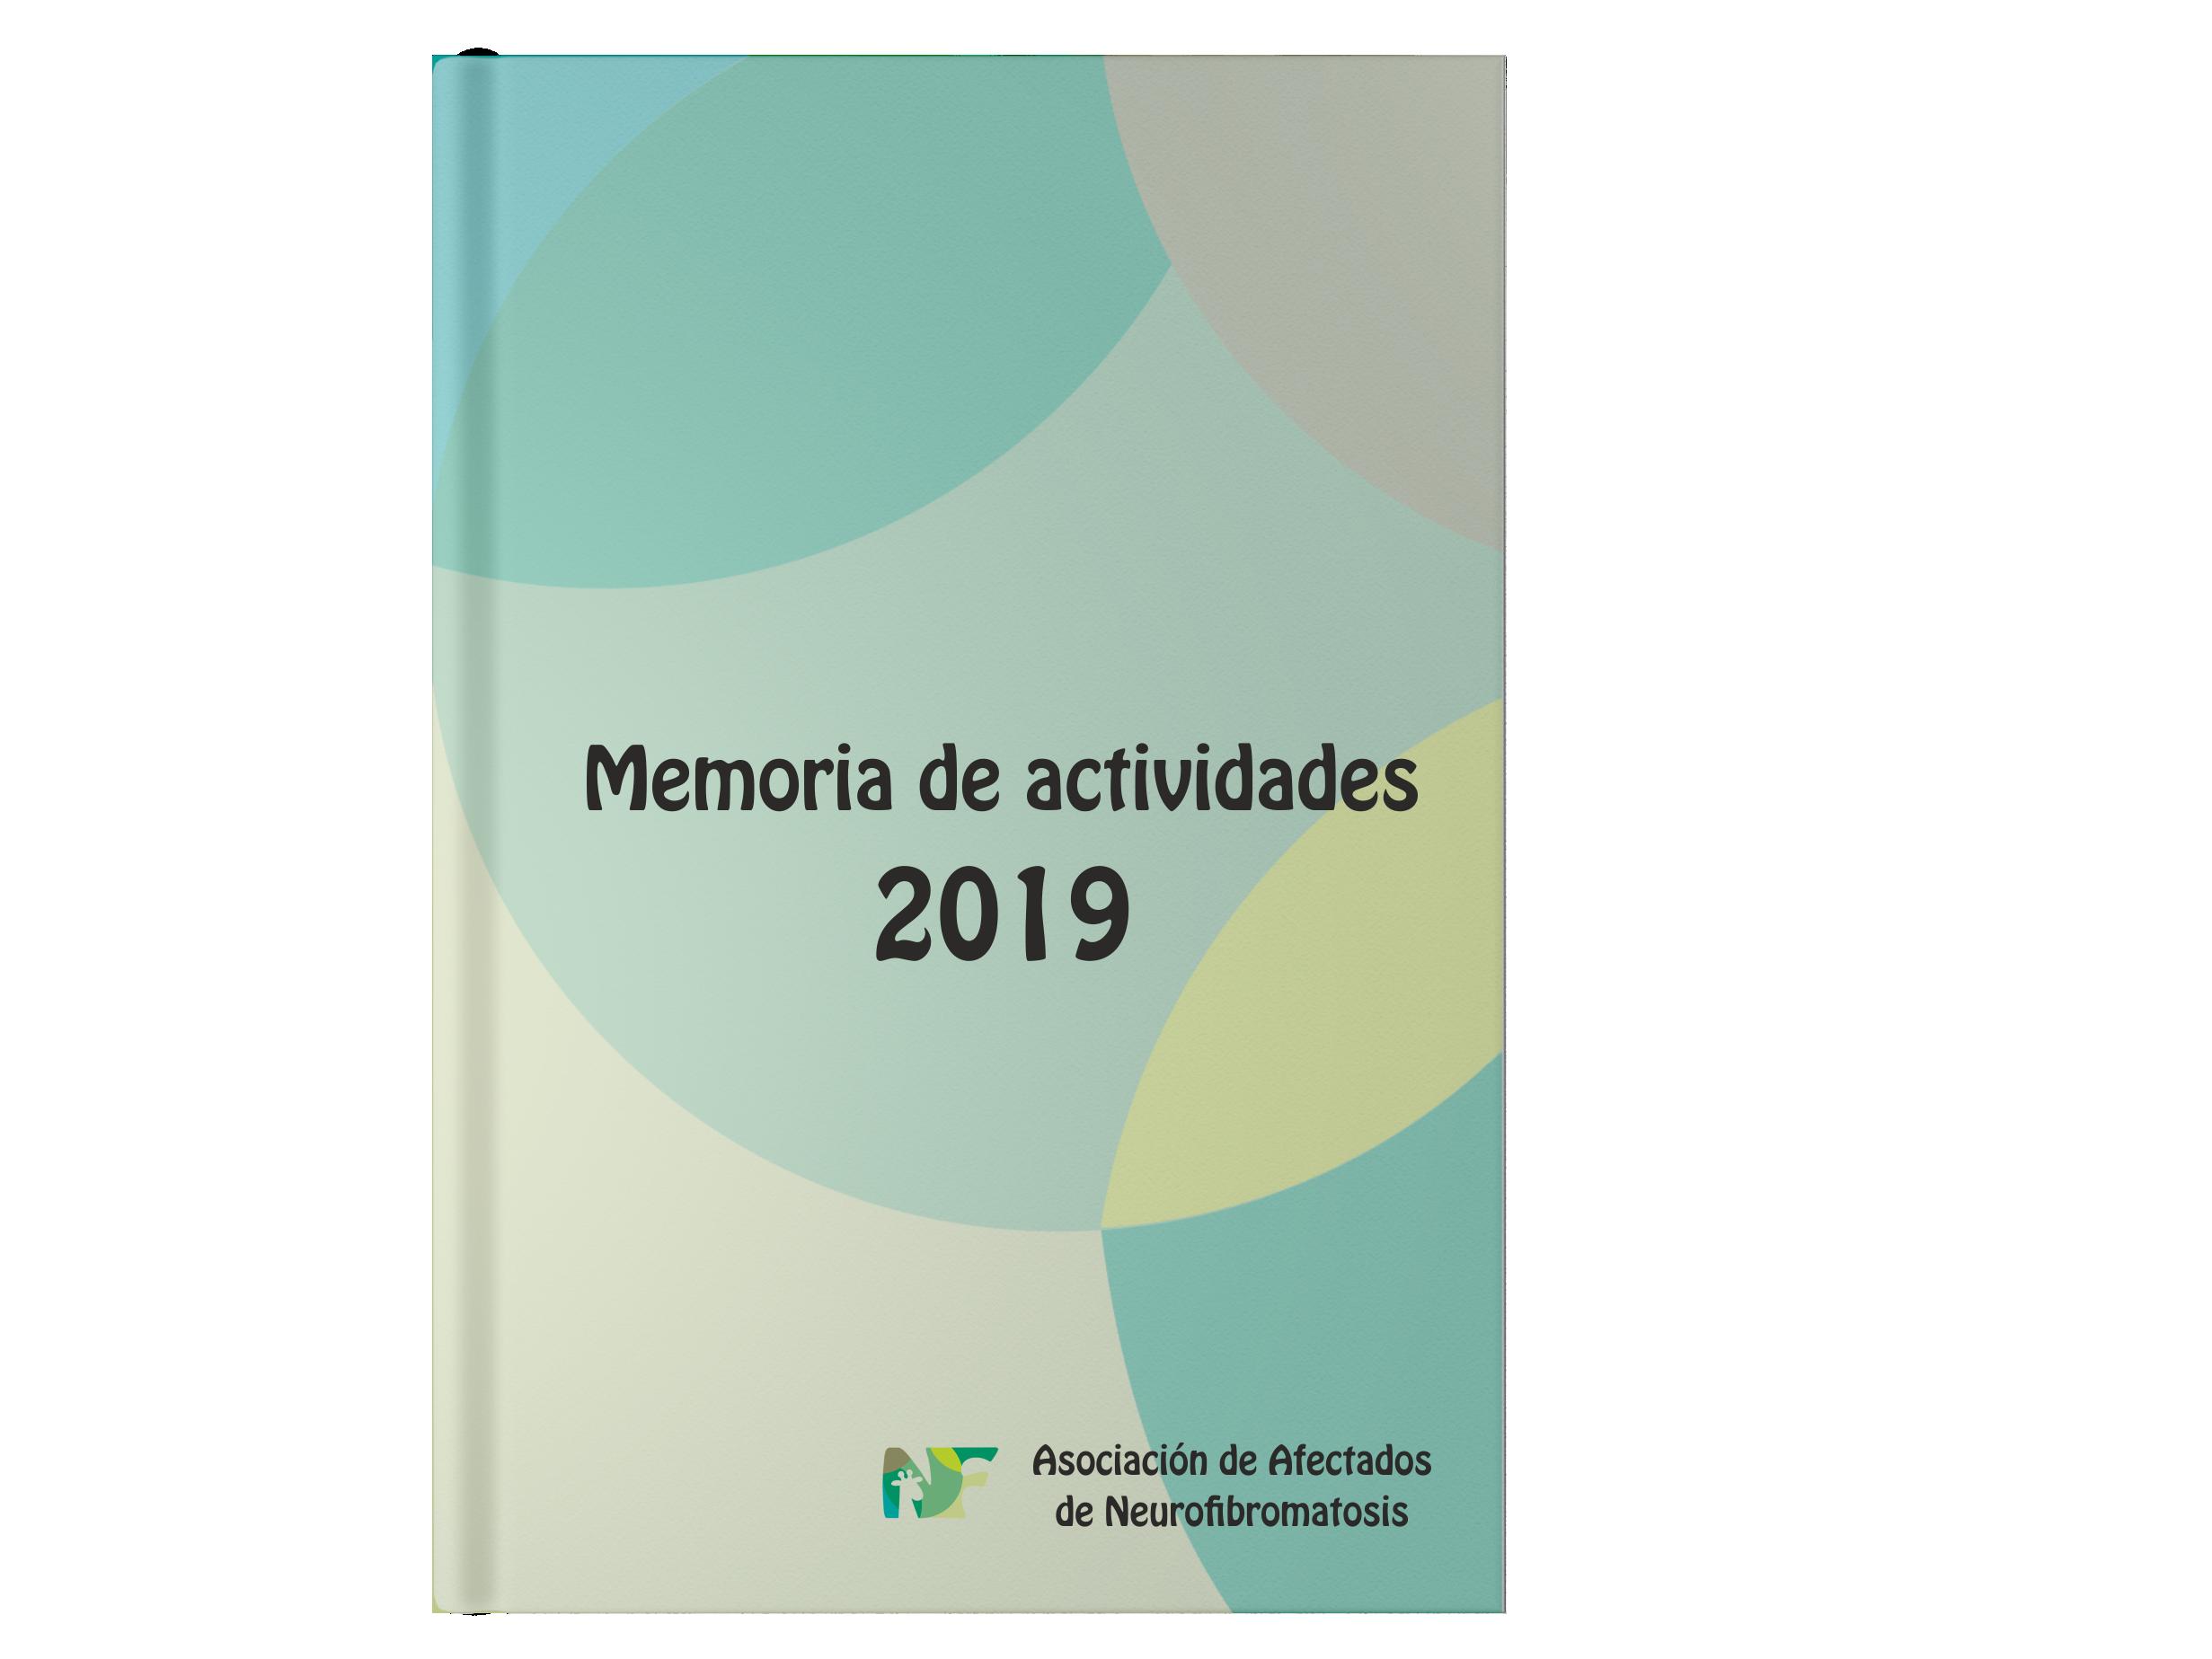 Memoria de Actividades AANF 2019